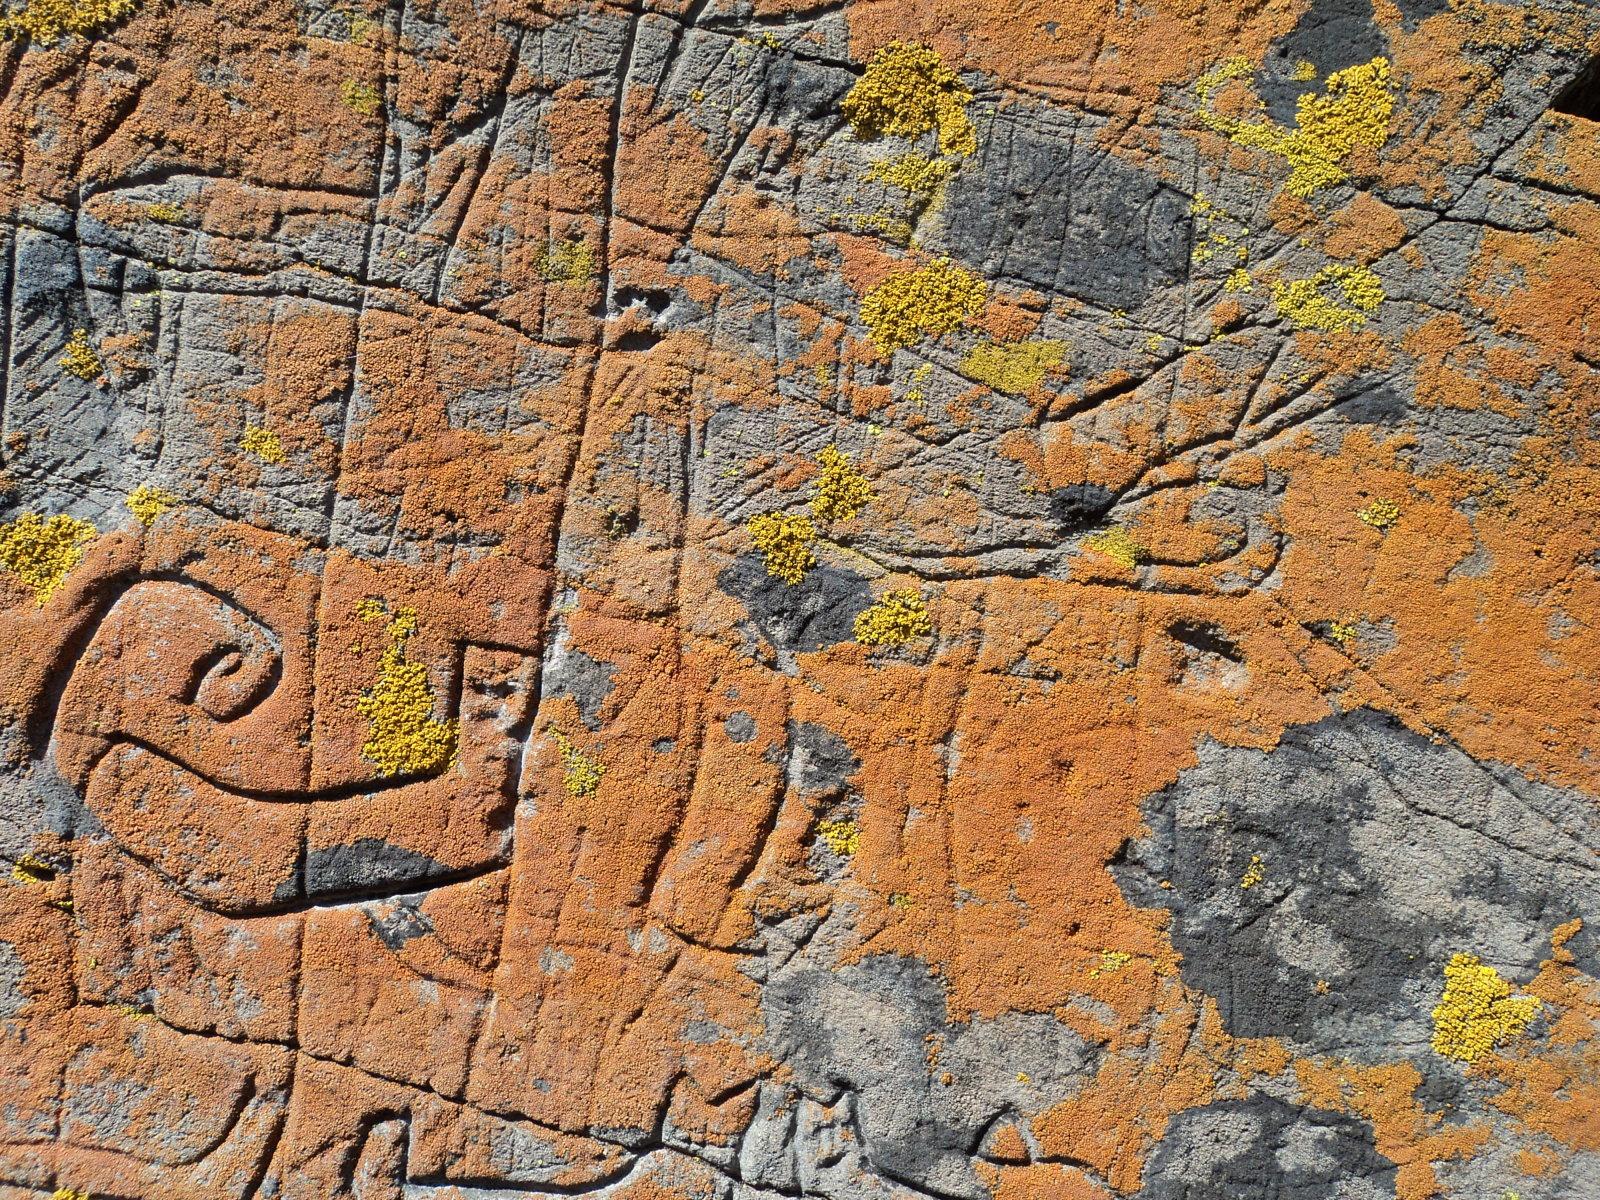 ayuda  para estas marcas en una piedra 2ldvd6x